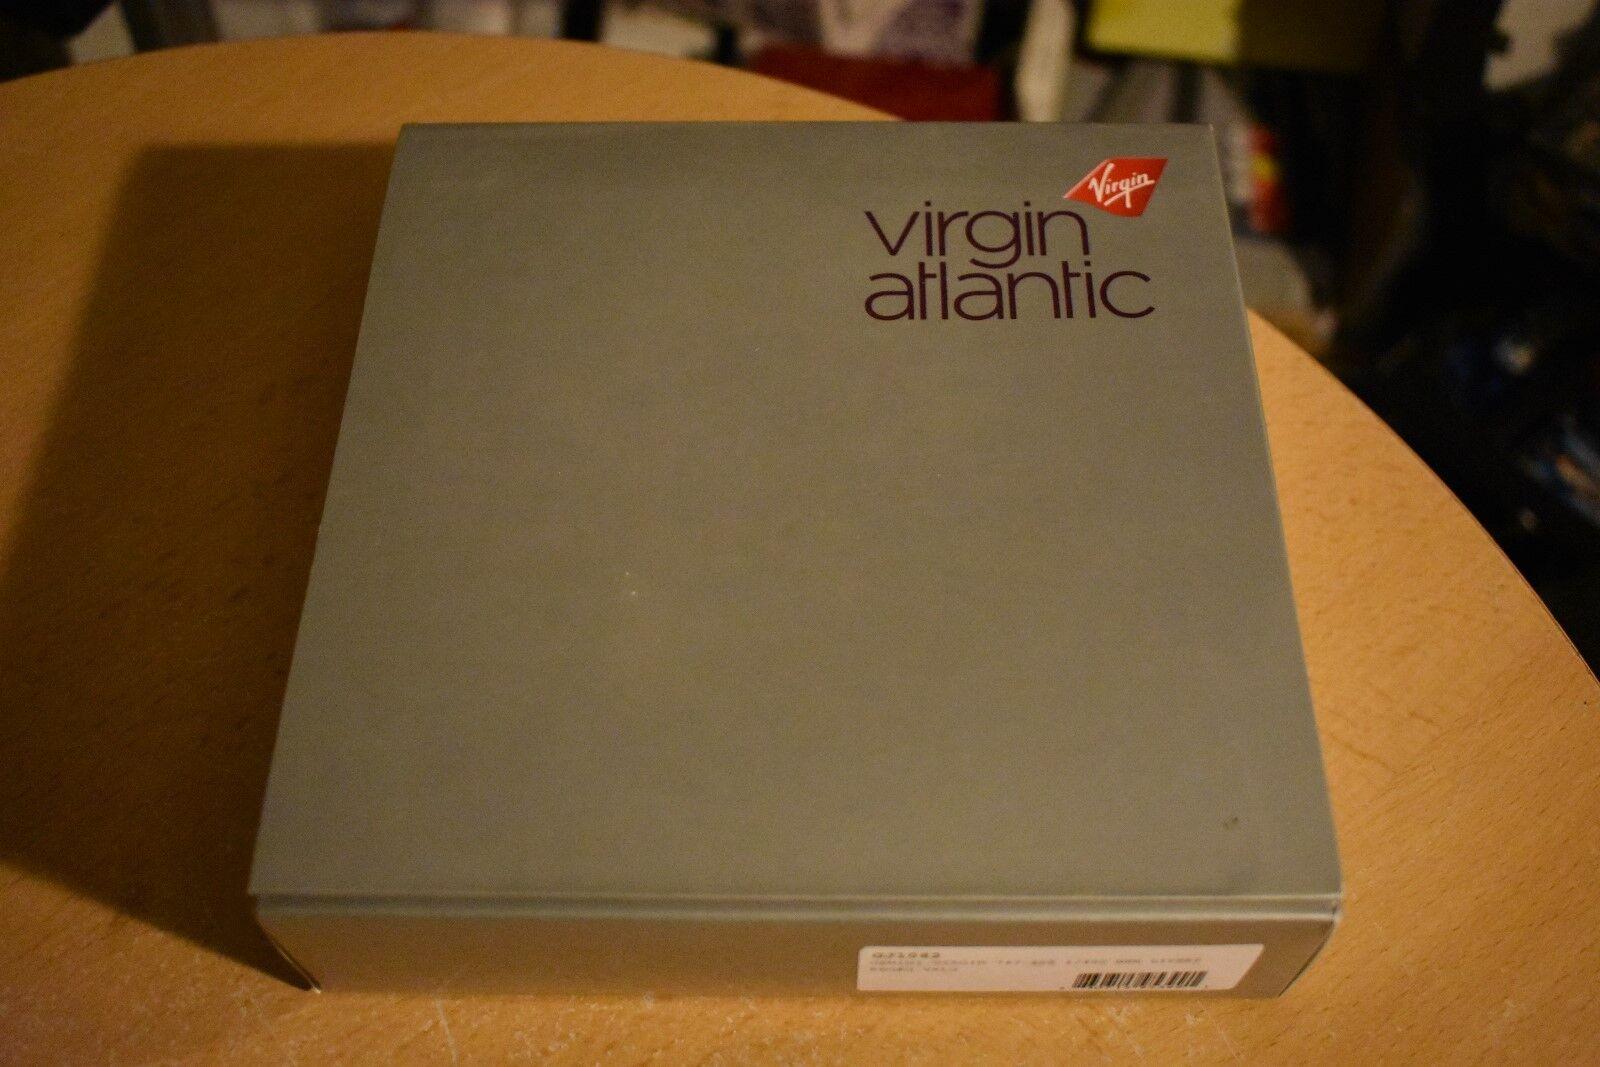 preferente Gemini Jets 1 400 Virgin Virgin Virgin Atlantic Airlines 747-400 nuevo librea Nuevo En Caja  servicio considerado